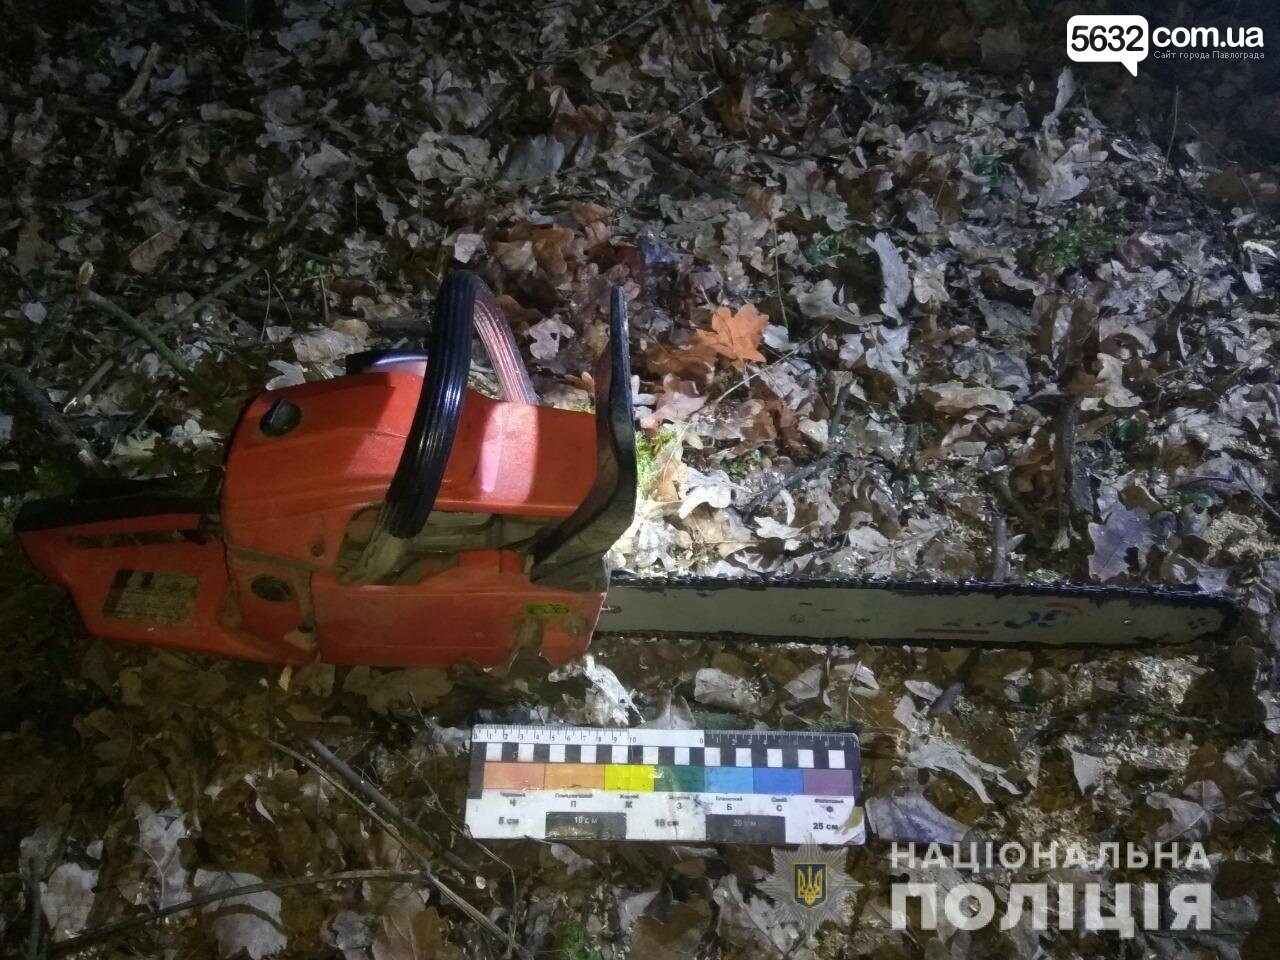 Ещё двух «чёрных лесорубов» задержали на Павлоградщине, фото-2